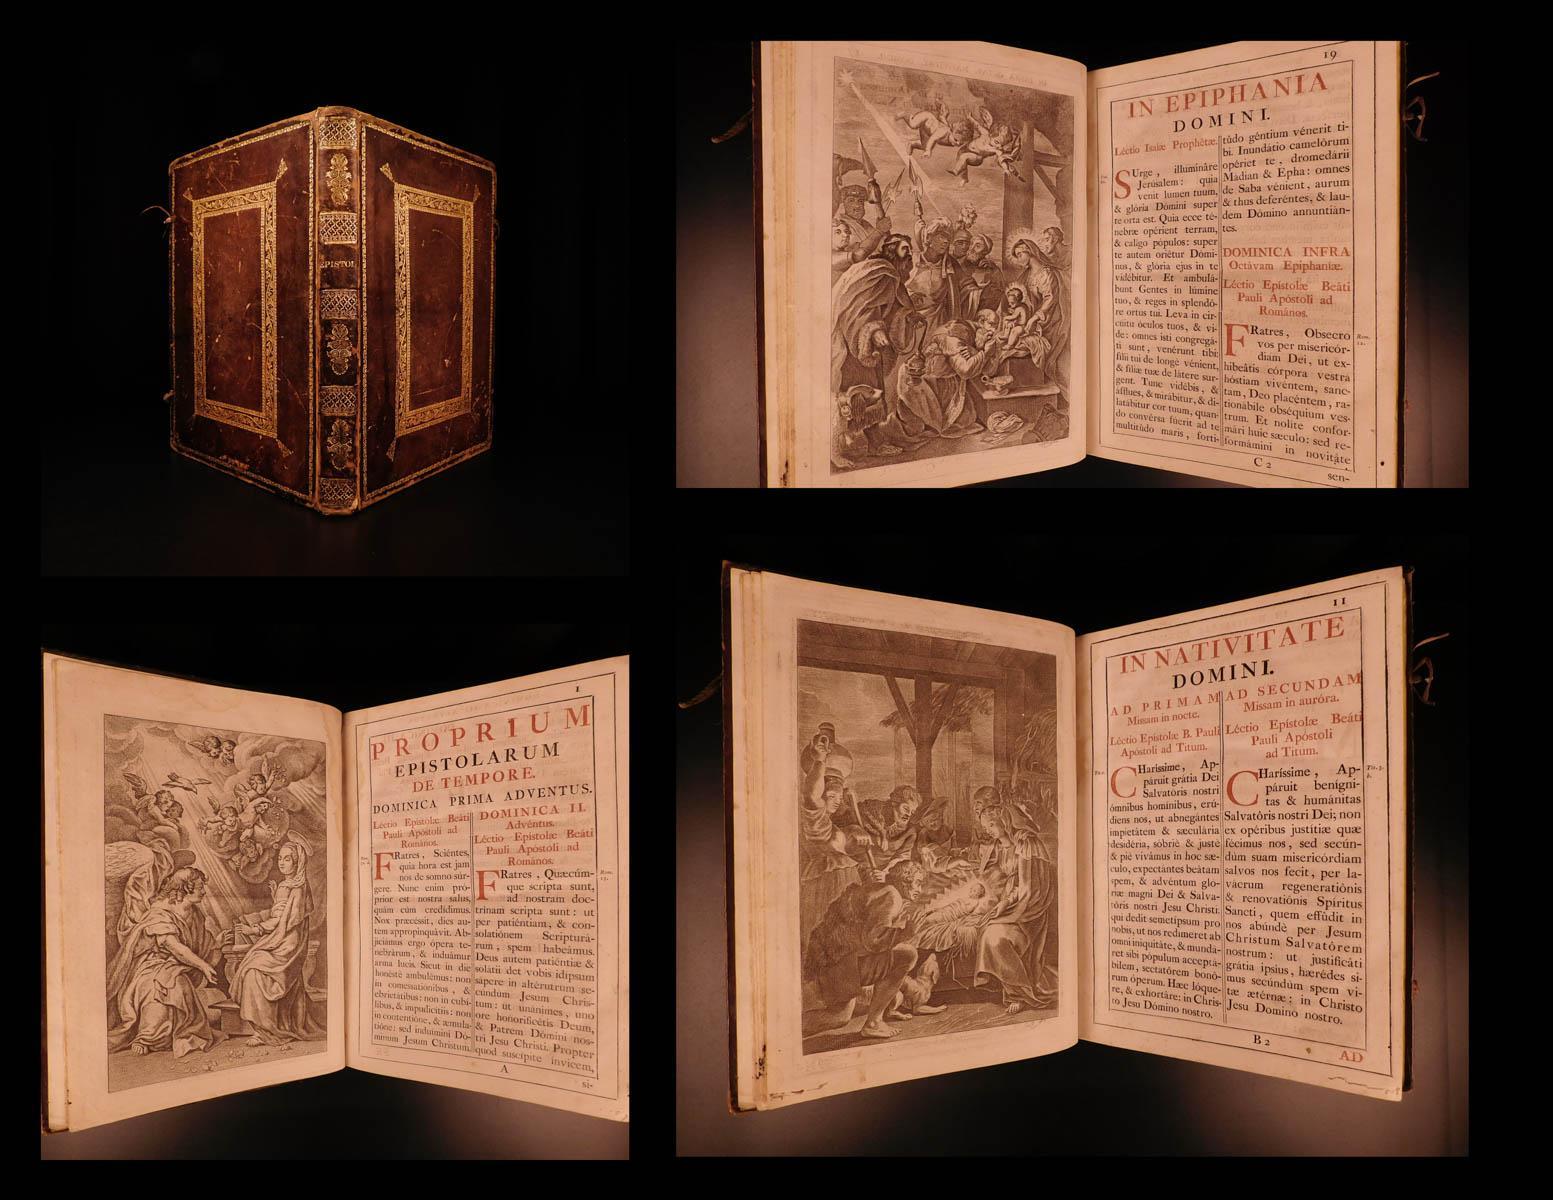 Beatrice D Avignon Avis vialibri ~ rare books from 1790 - page 10